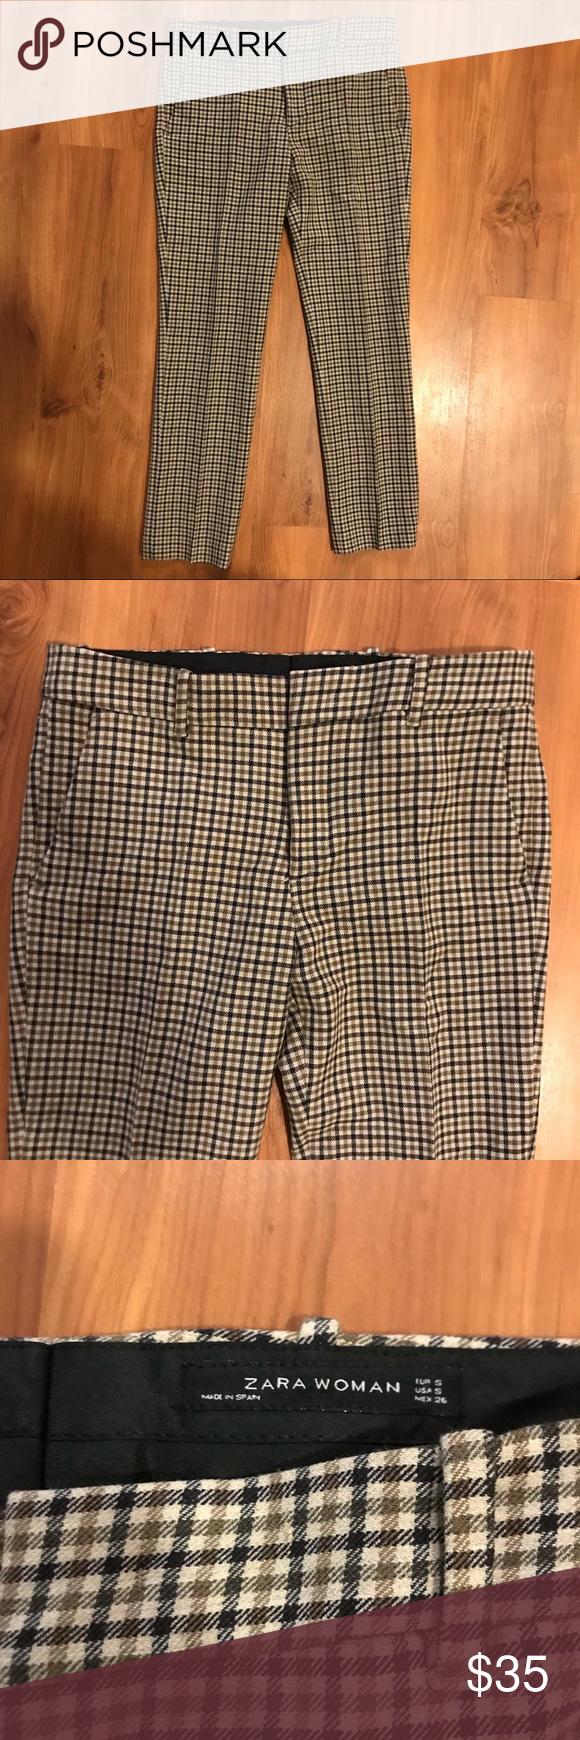 b2c03802 Zara Women Plaid Pants • Size S Zara Women Plaid Pants • Size S ...